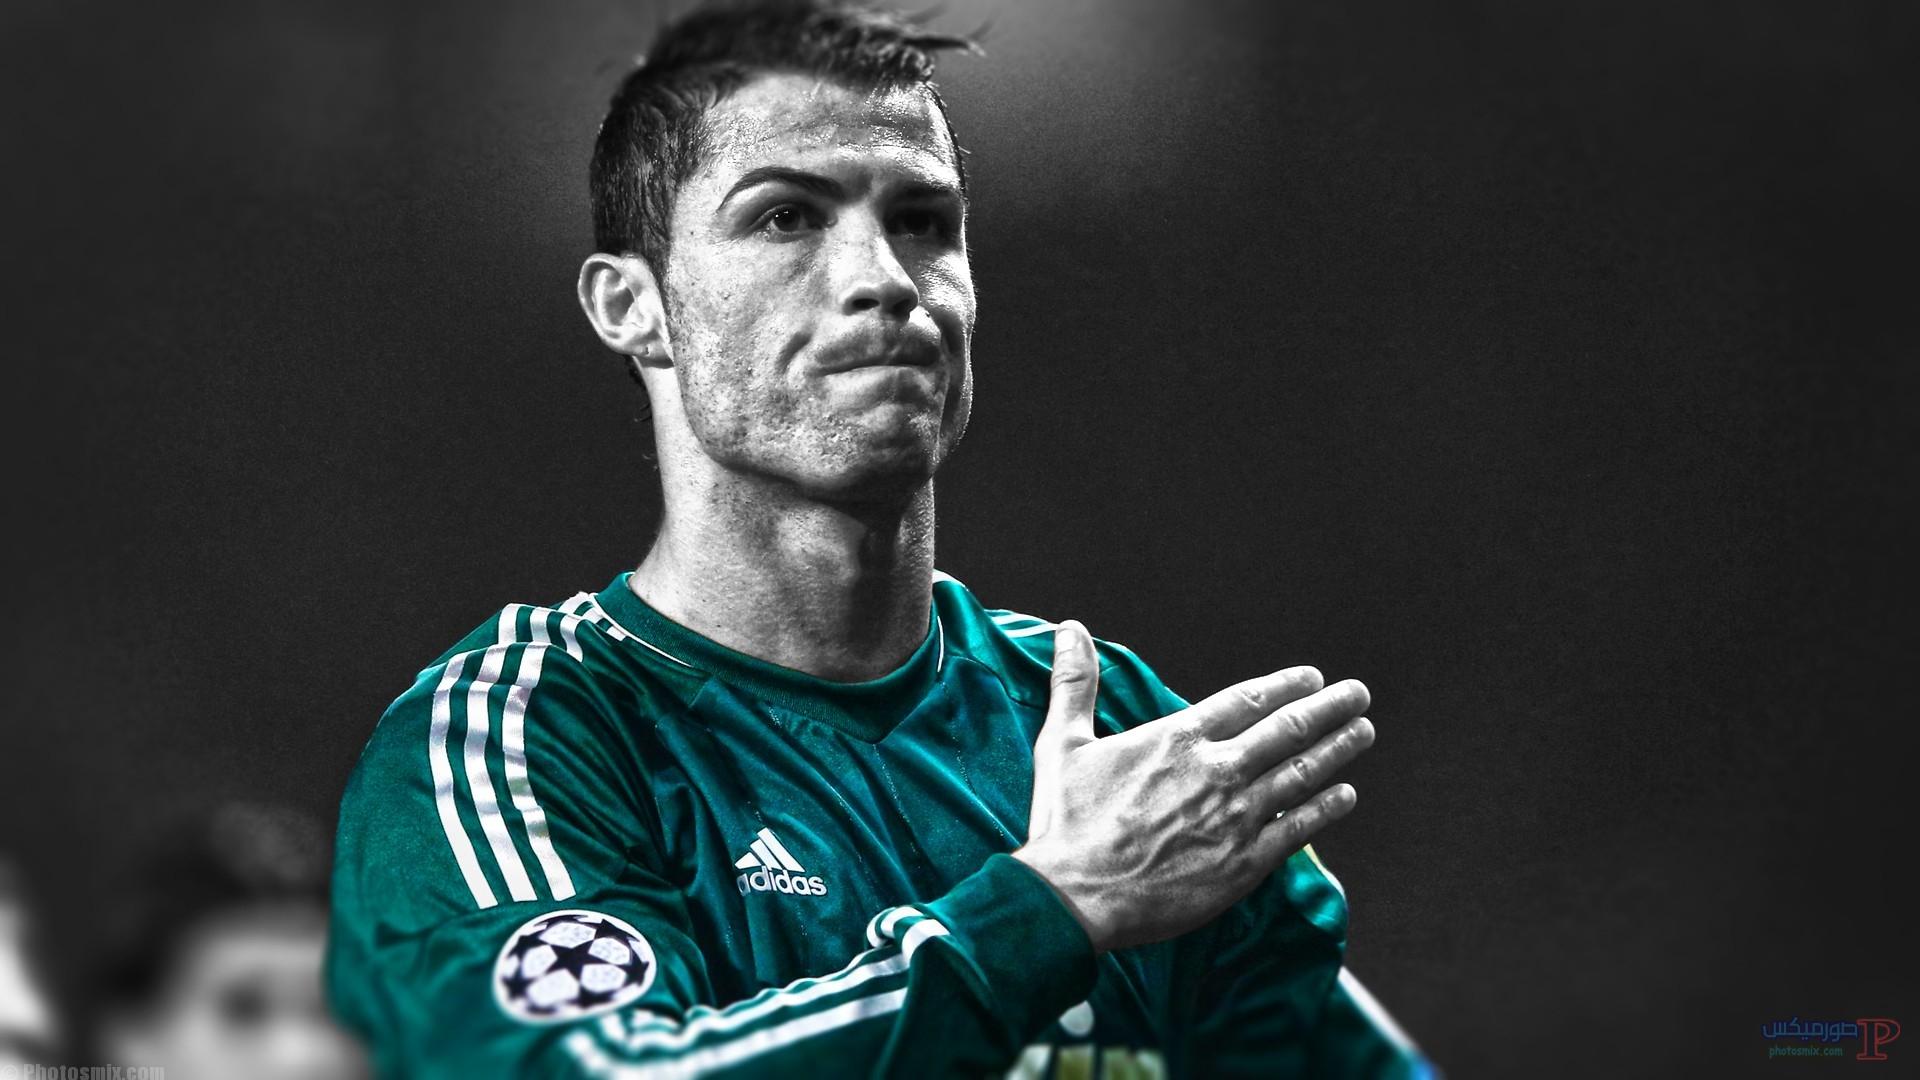 -صور-كريسيتانو-رونالدو صور كريستيانو رونالدو , اجمل صور Ronaldo 2018 , خلفيات ورمزيات رونالدو